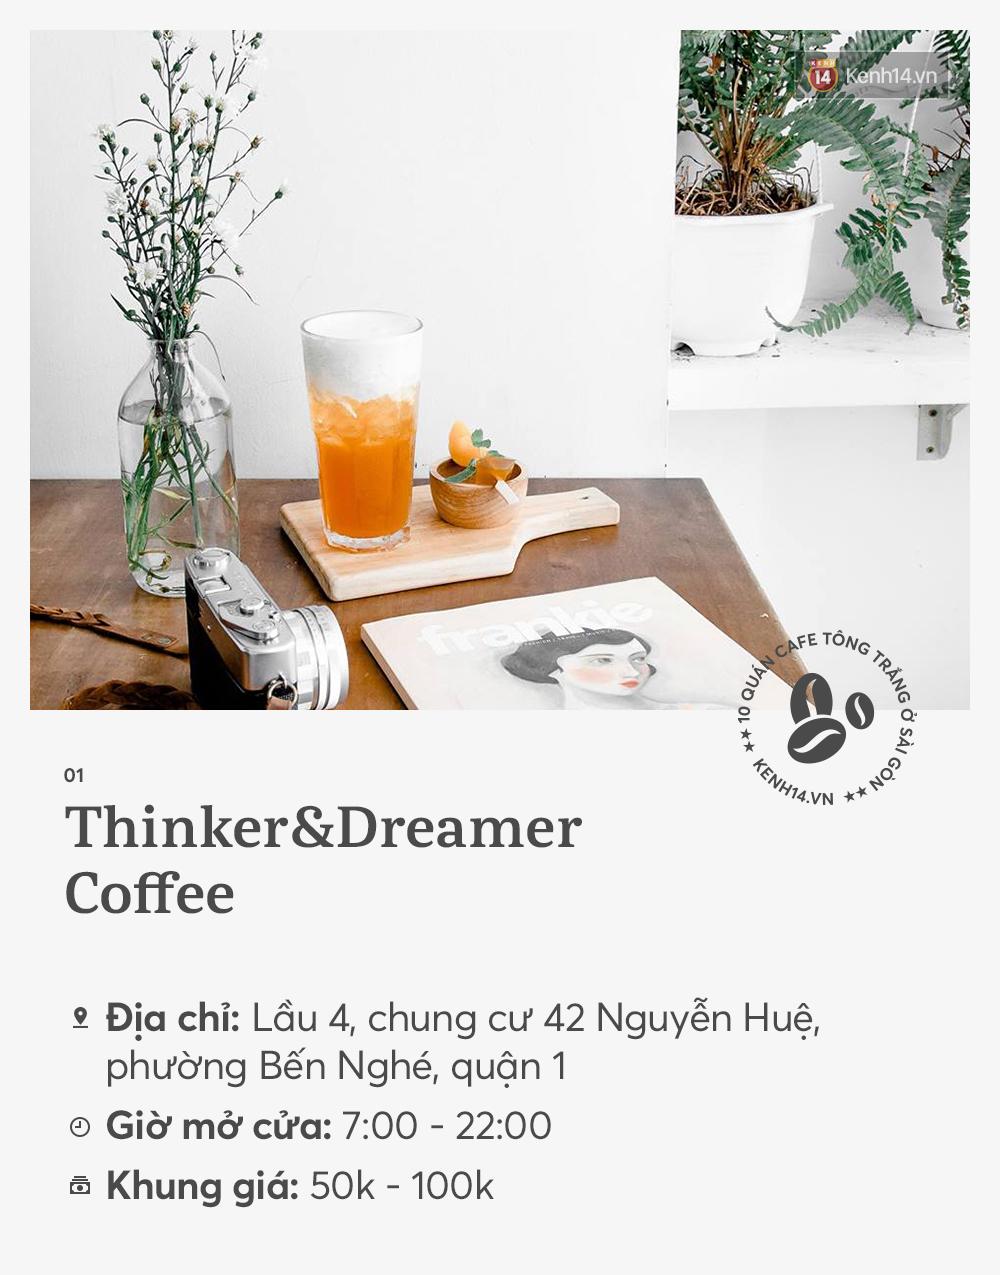 10 quán cà phê tông trắng ở Sài Gòn, cứ đến là có ảnh đẹp! - Ảnh 1.